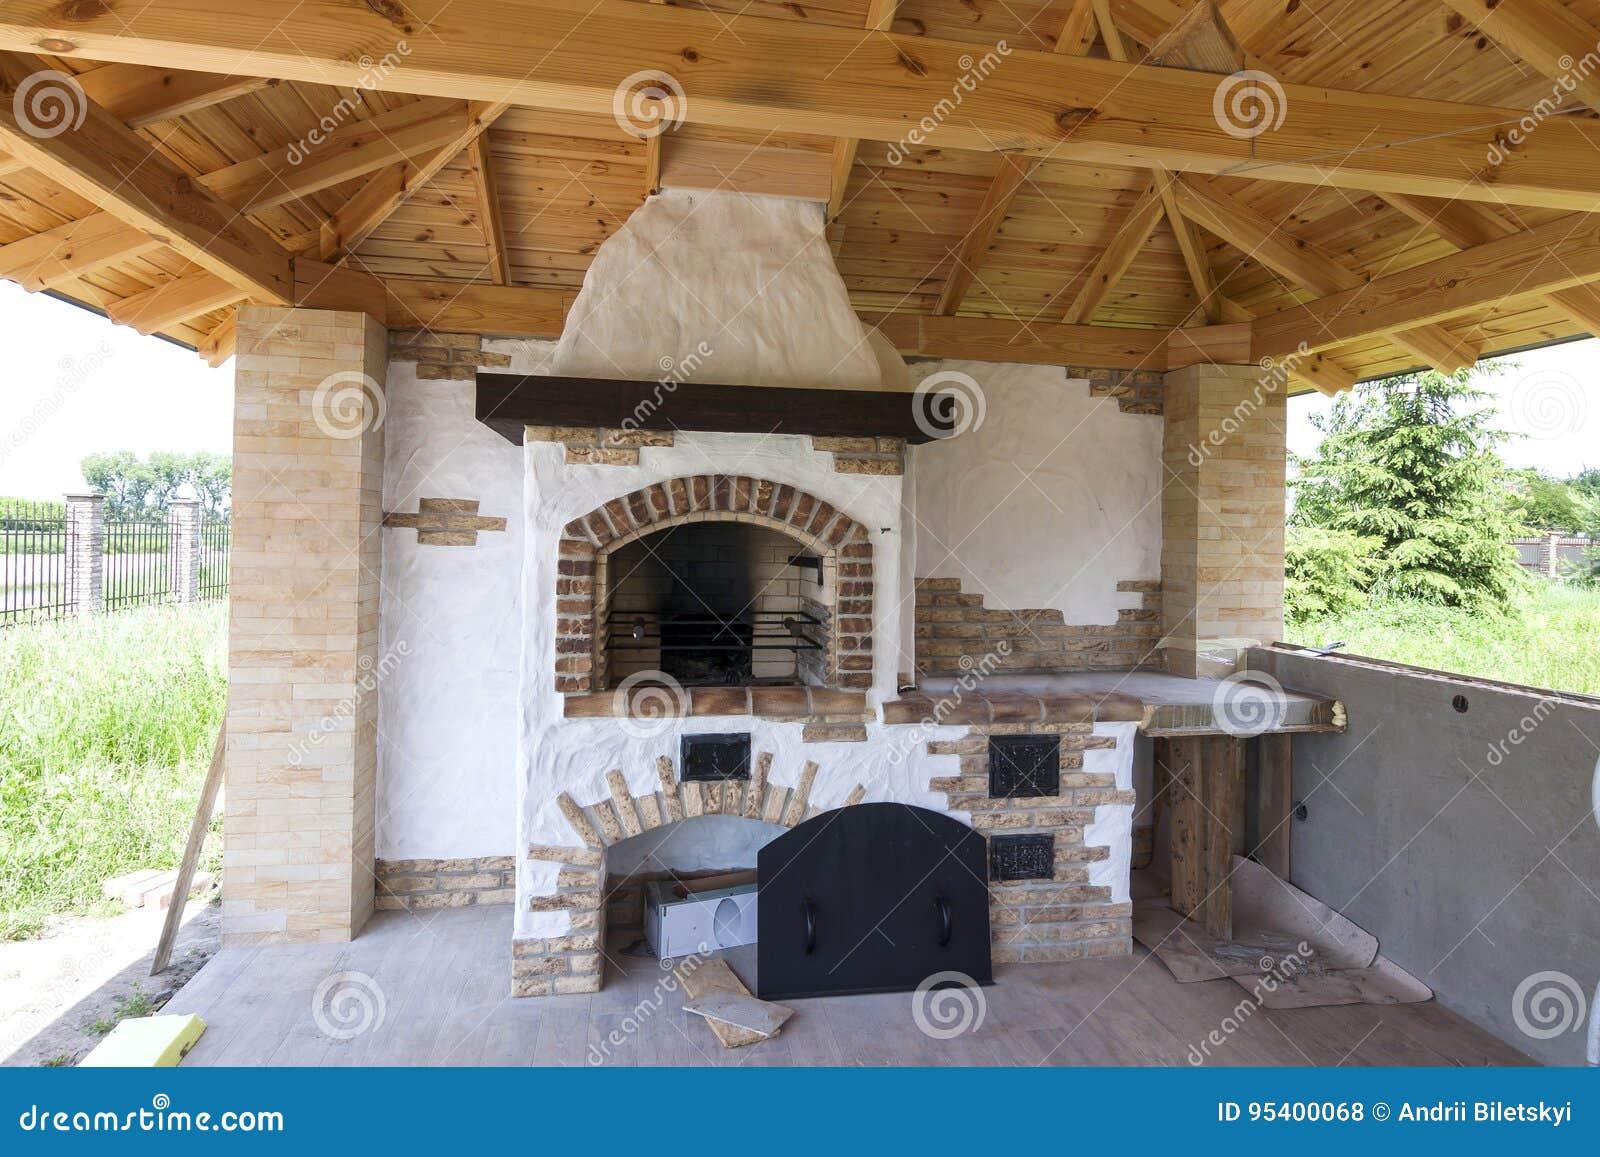 建筑学,房子老牌,与格栅壁炉outdoo的门廊